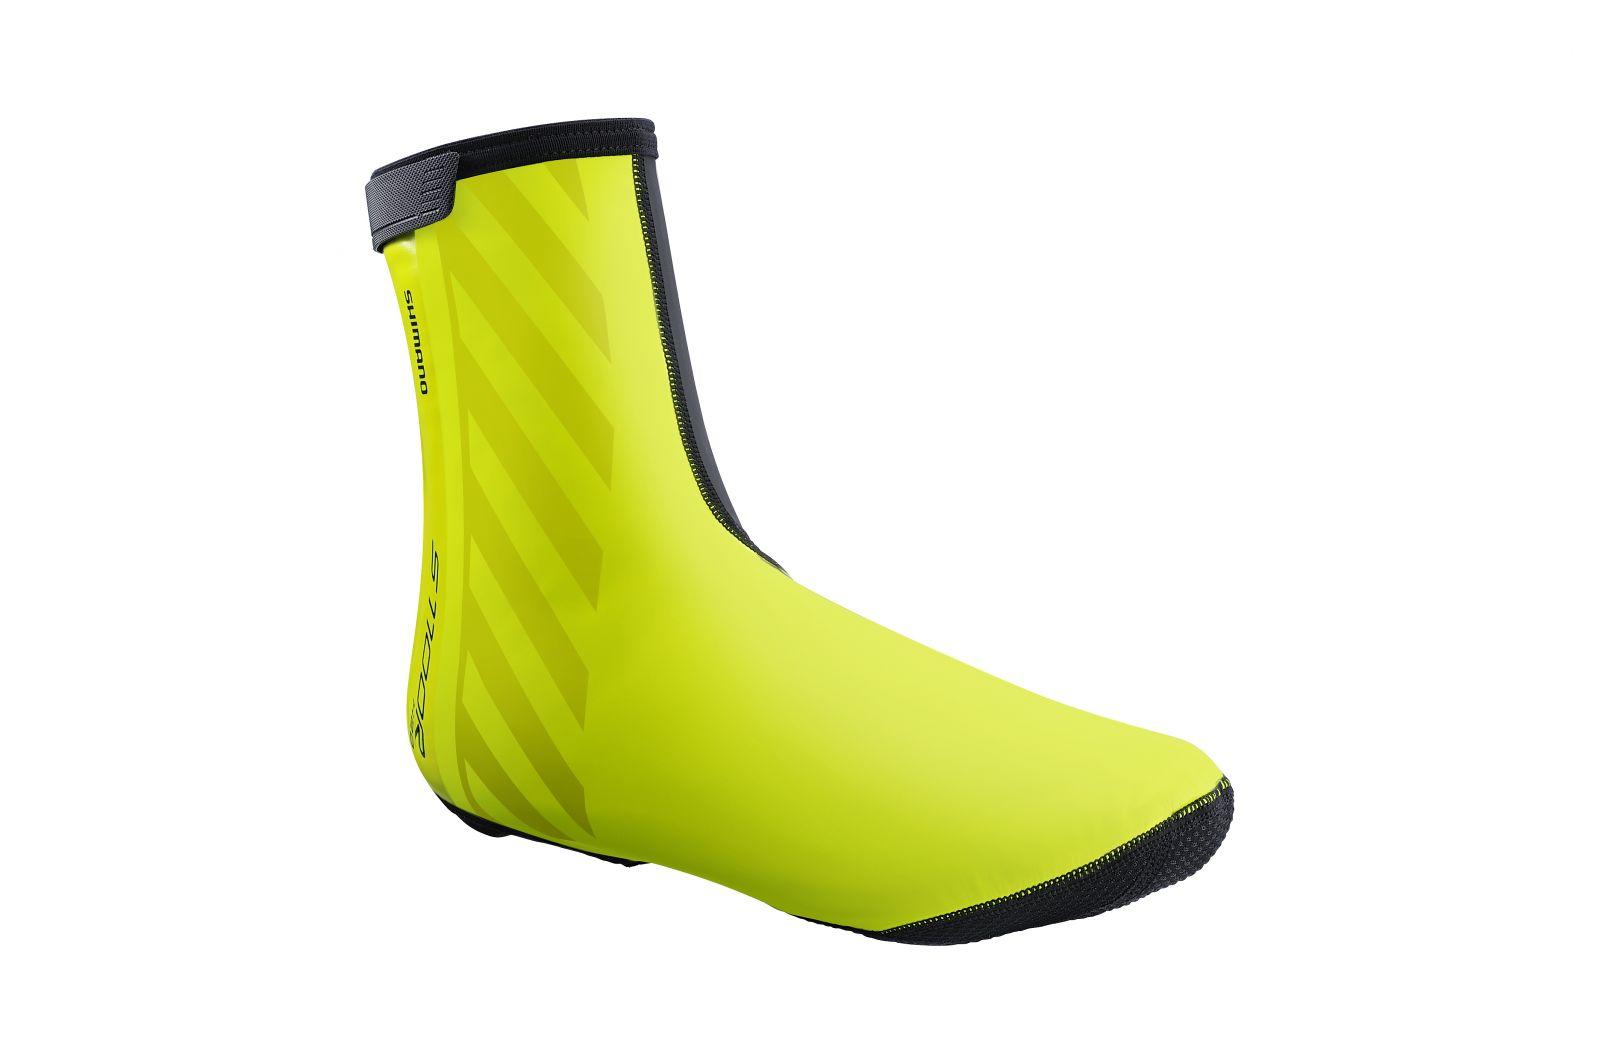 SHIMANO S1100R H2O návleky na obuv, Neon žlutá, M